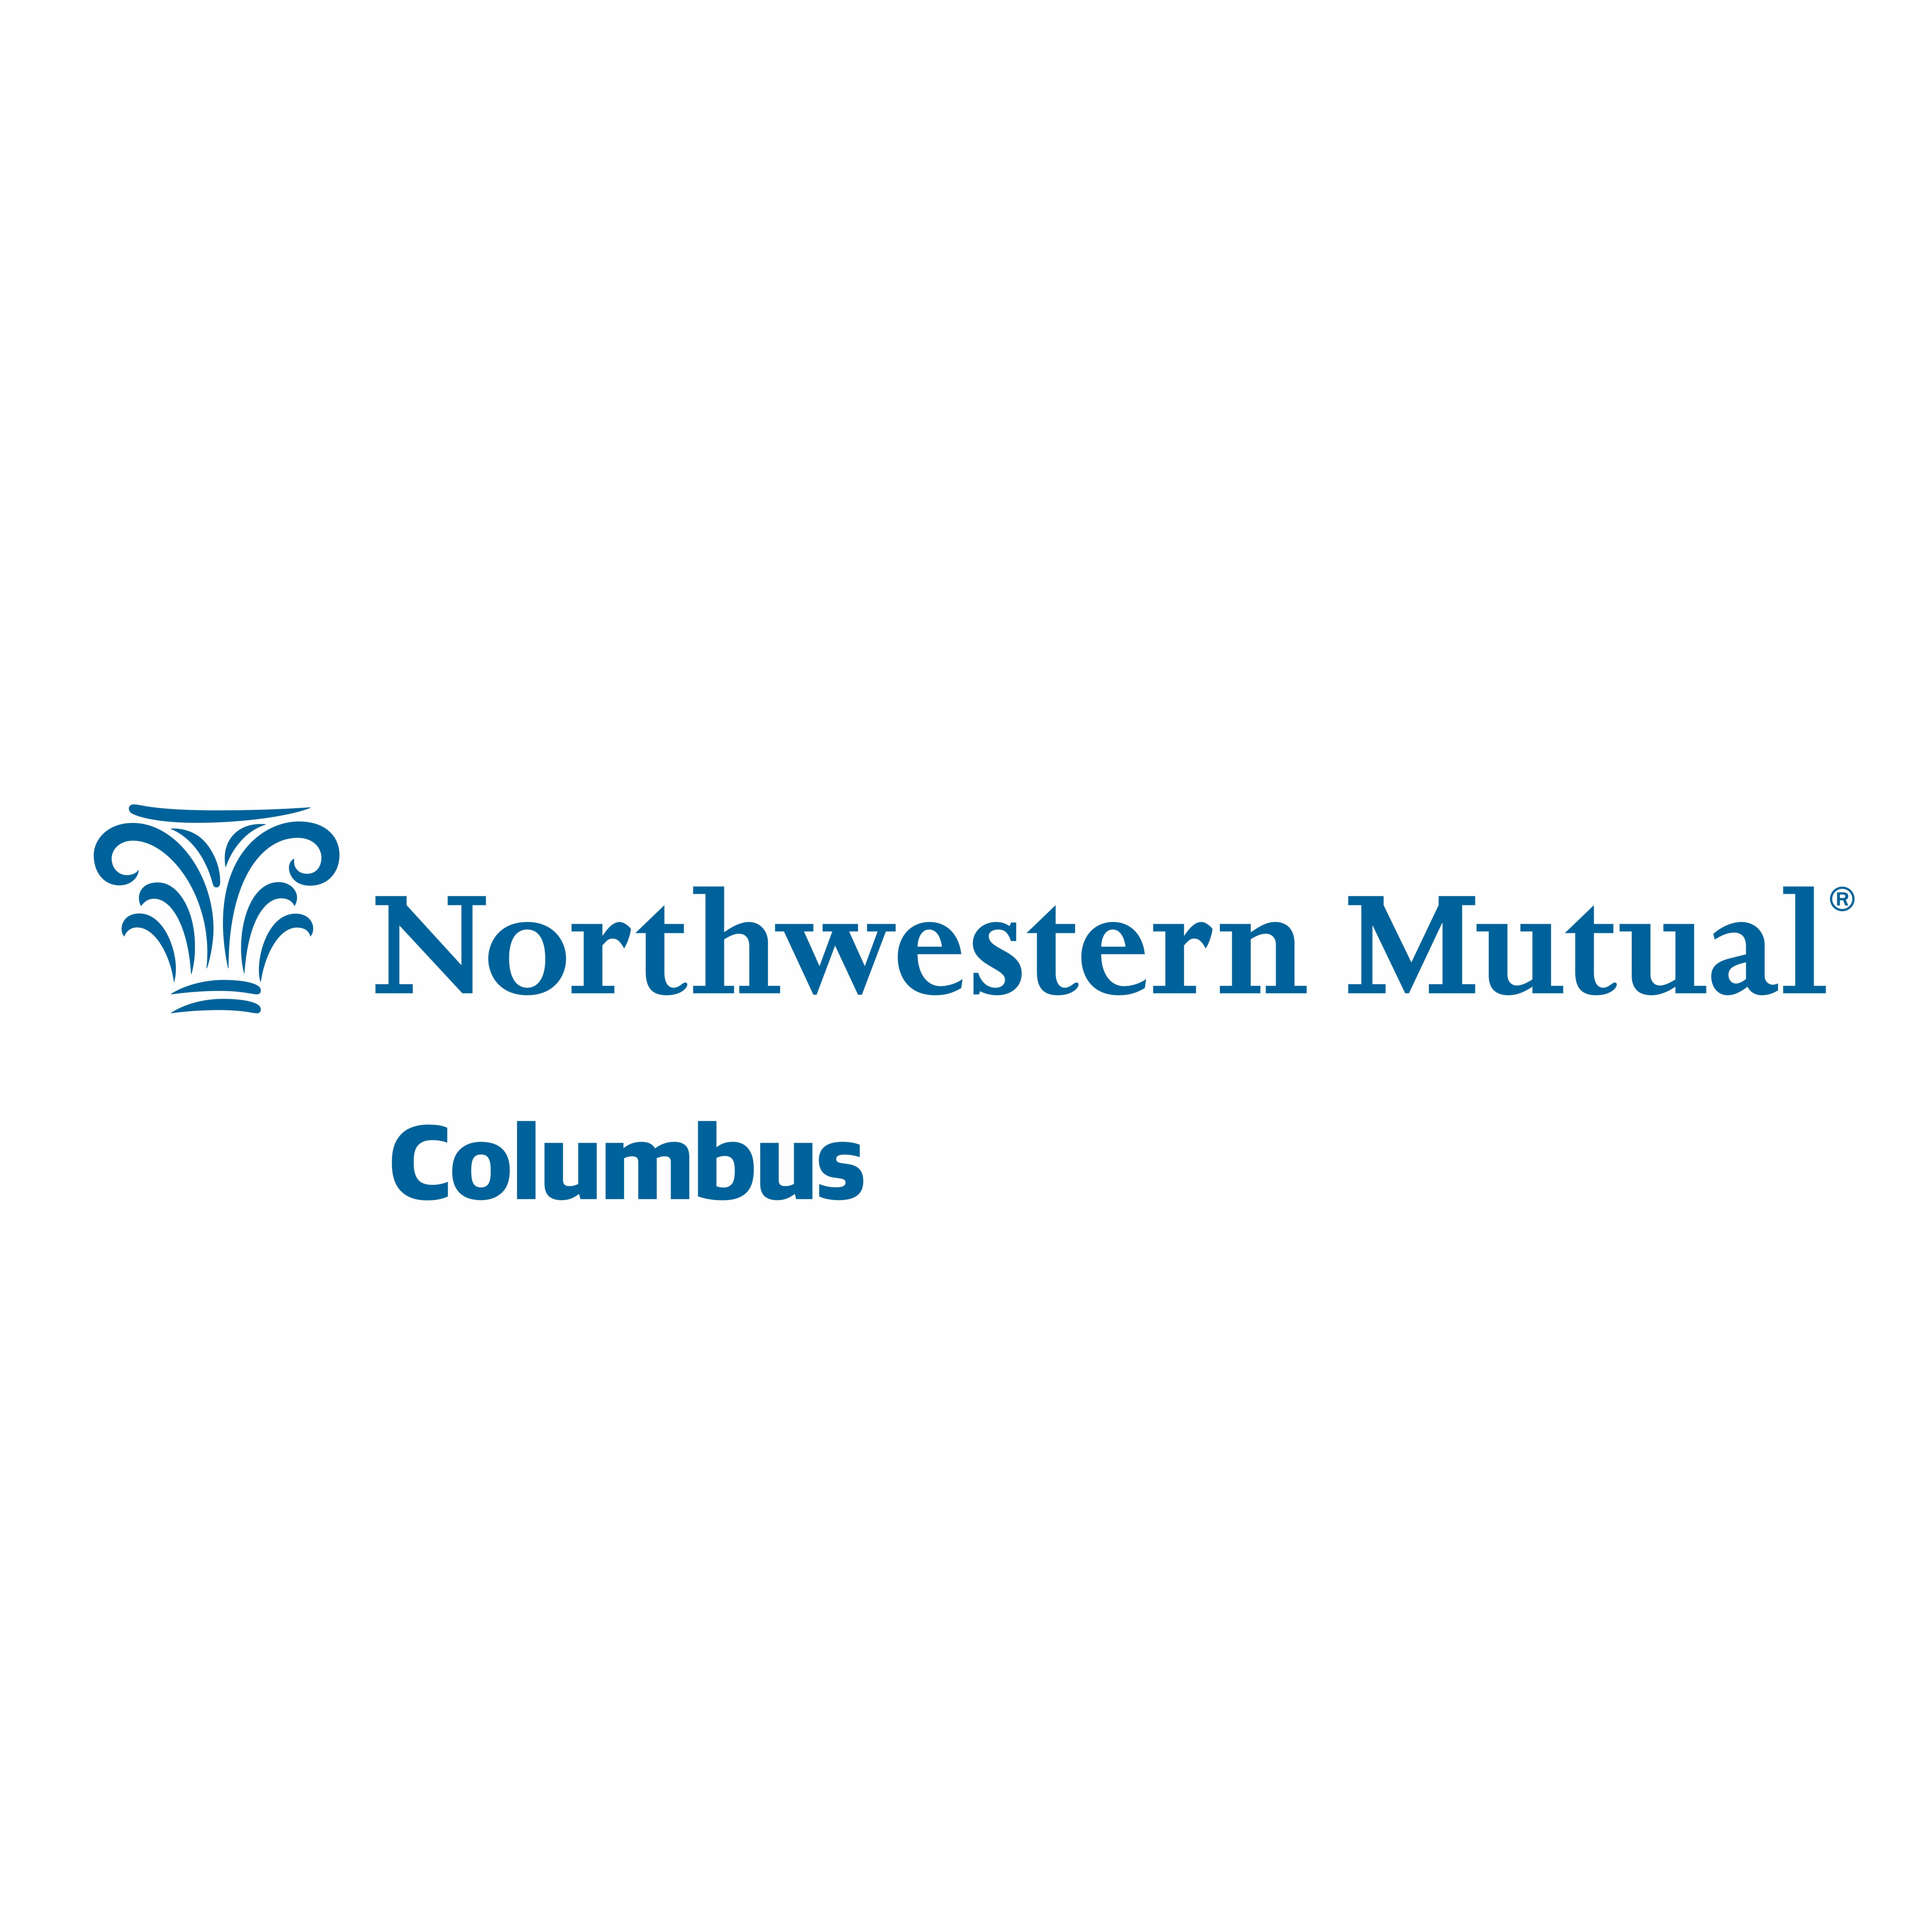 Northwestern Mutual – Columbus logo